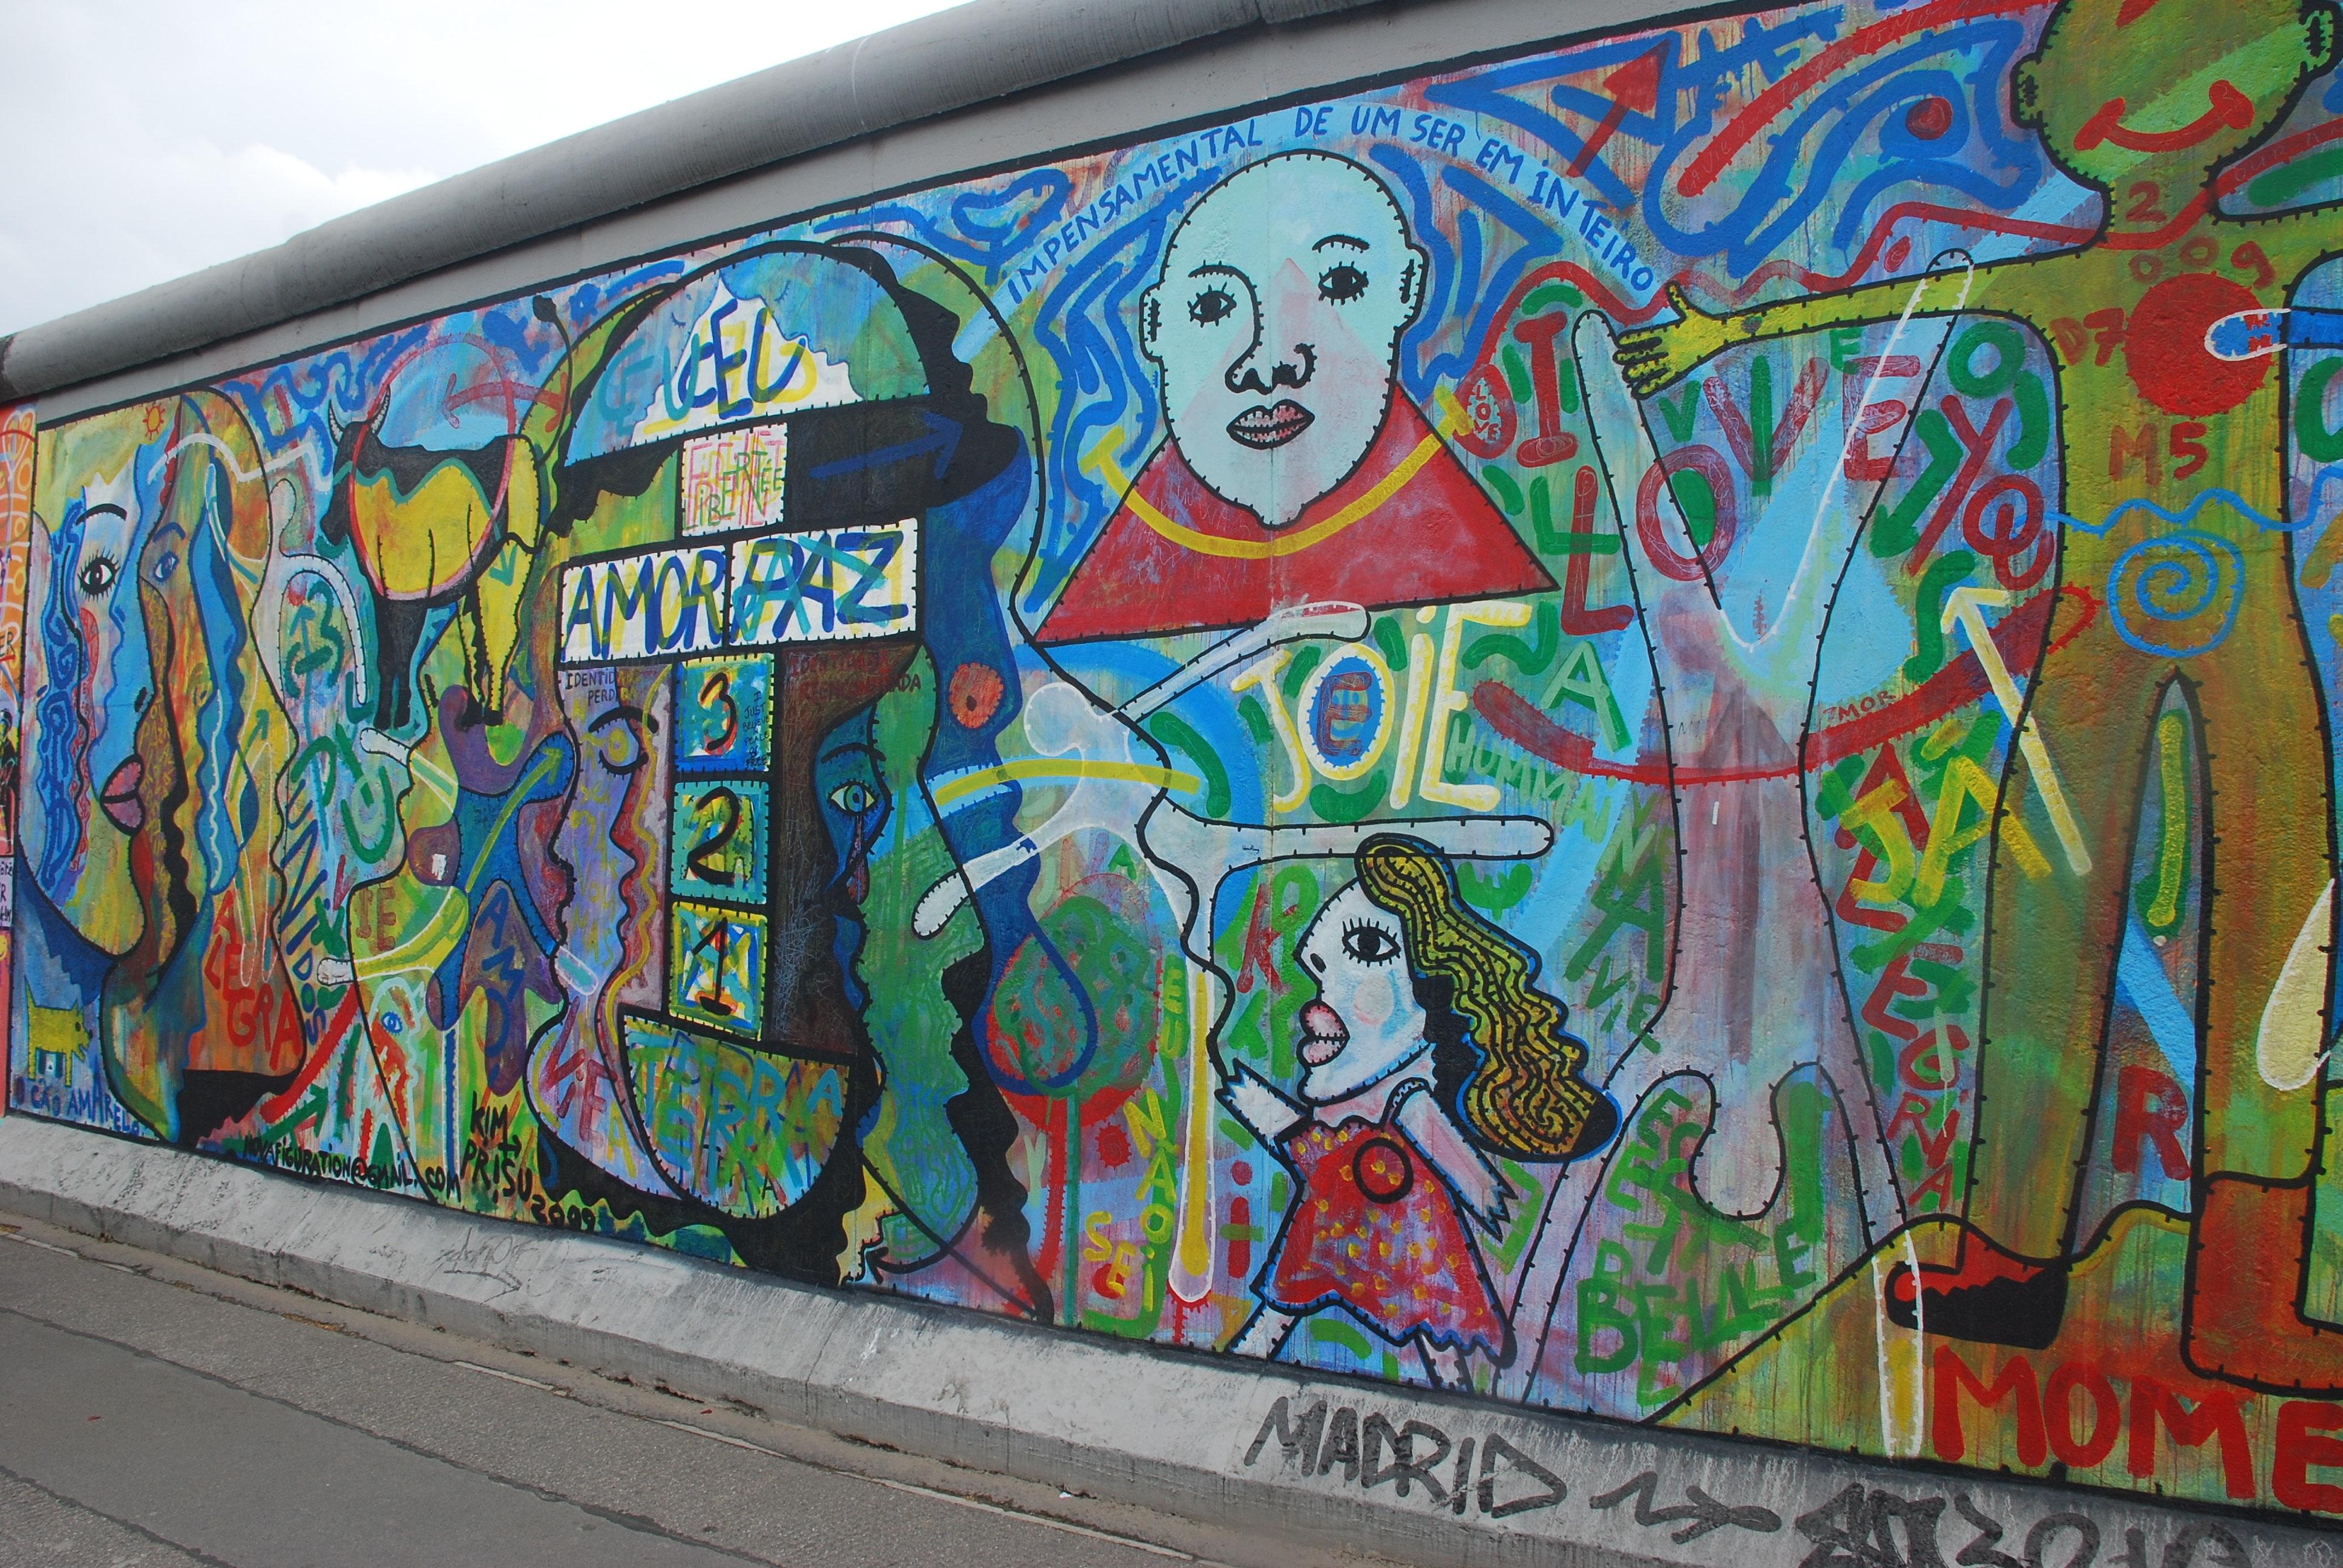 Coretan Seni Jalanan Seni Lukisan Dinding Jerman Berlin Graffiti Daerah Perkotaan Tembok Berlin